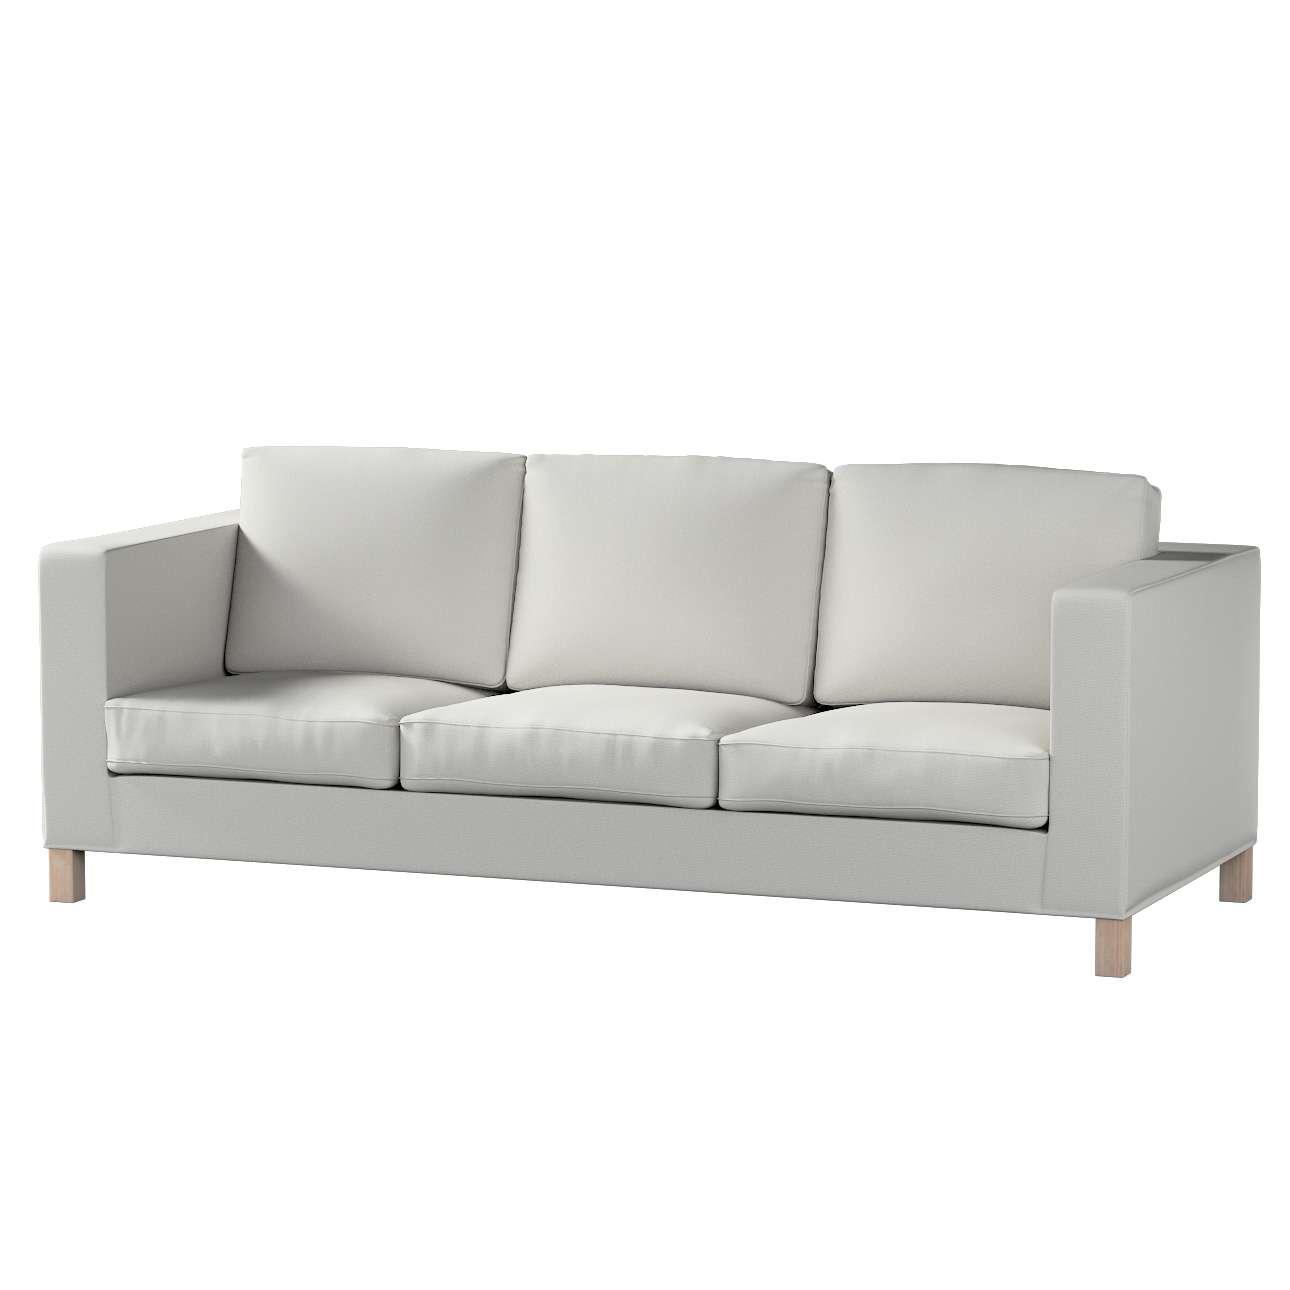 KARLANDA trivietės sofos užvalkalas KARLANDA trivietės sofos užvalkalas kolekcijoje Etna , audinys: 705-90